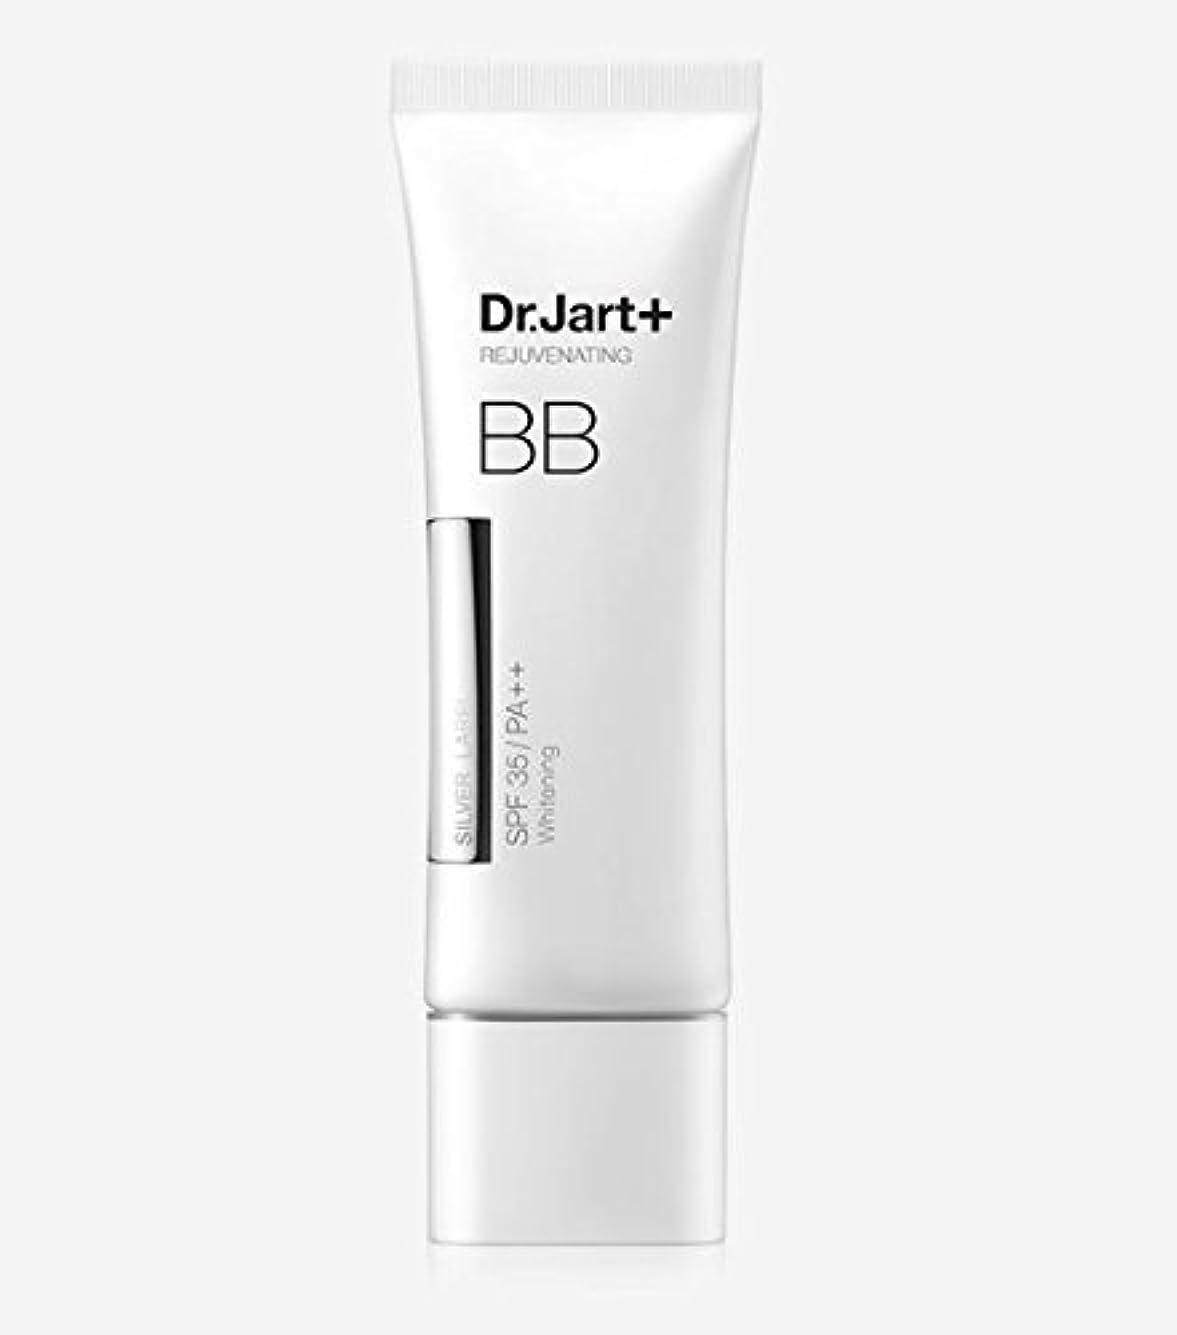 家具作成する更新する[Dr. Jart] Silver Label BB Rejuvenating Beauty Balm 50ml SPF35 PA++/[ドクタージャルト] シルバーラベル BB リジュビネイティング ビューティー バーム 50ml SPF35 PA++ [並行輸入品]